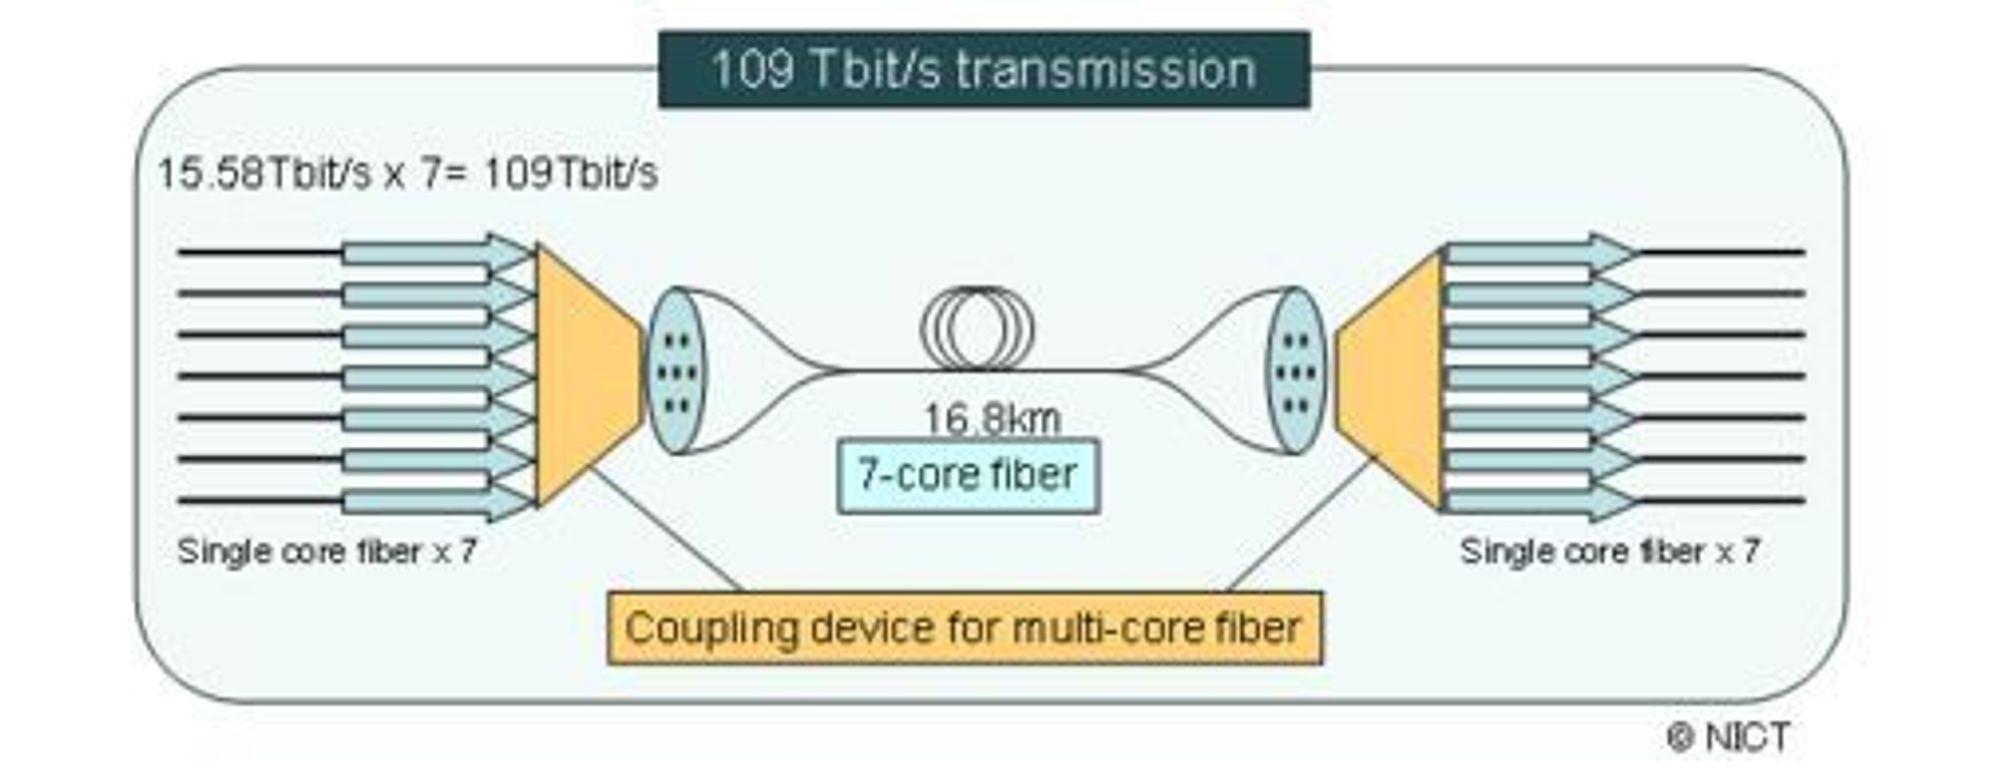 Fiberkabelen med sju kjerner er knyttet til sju vanlige fiberkabler med én kjerne i hver av endene.